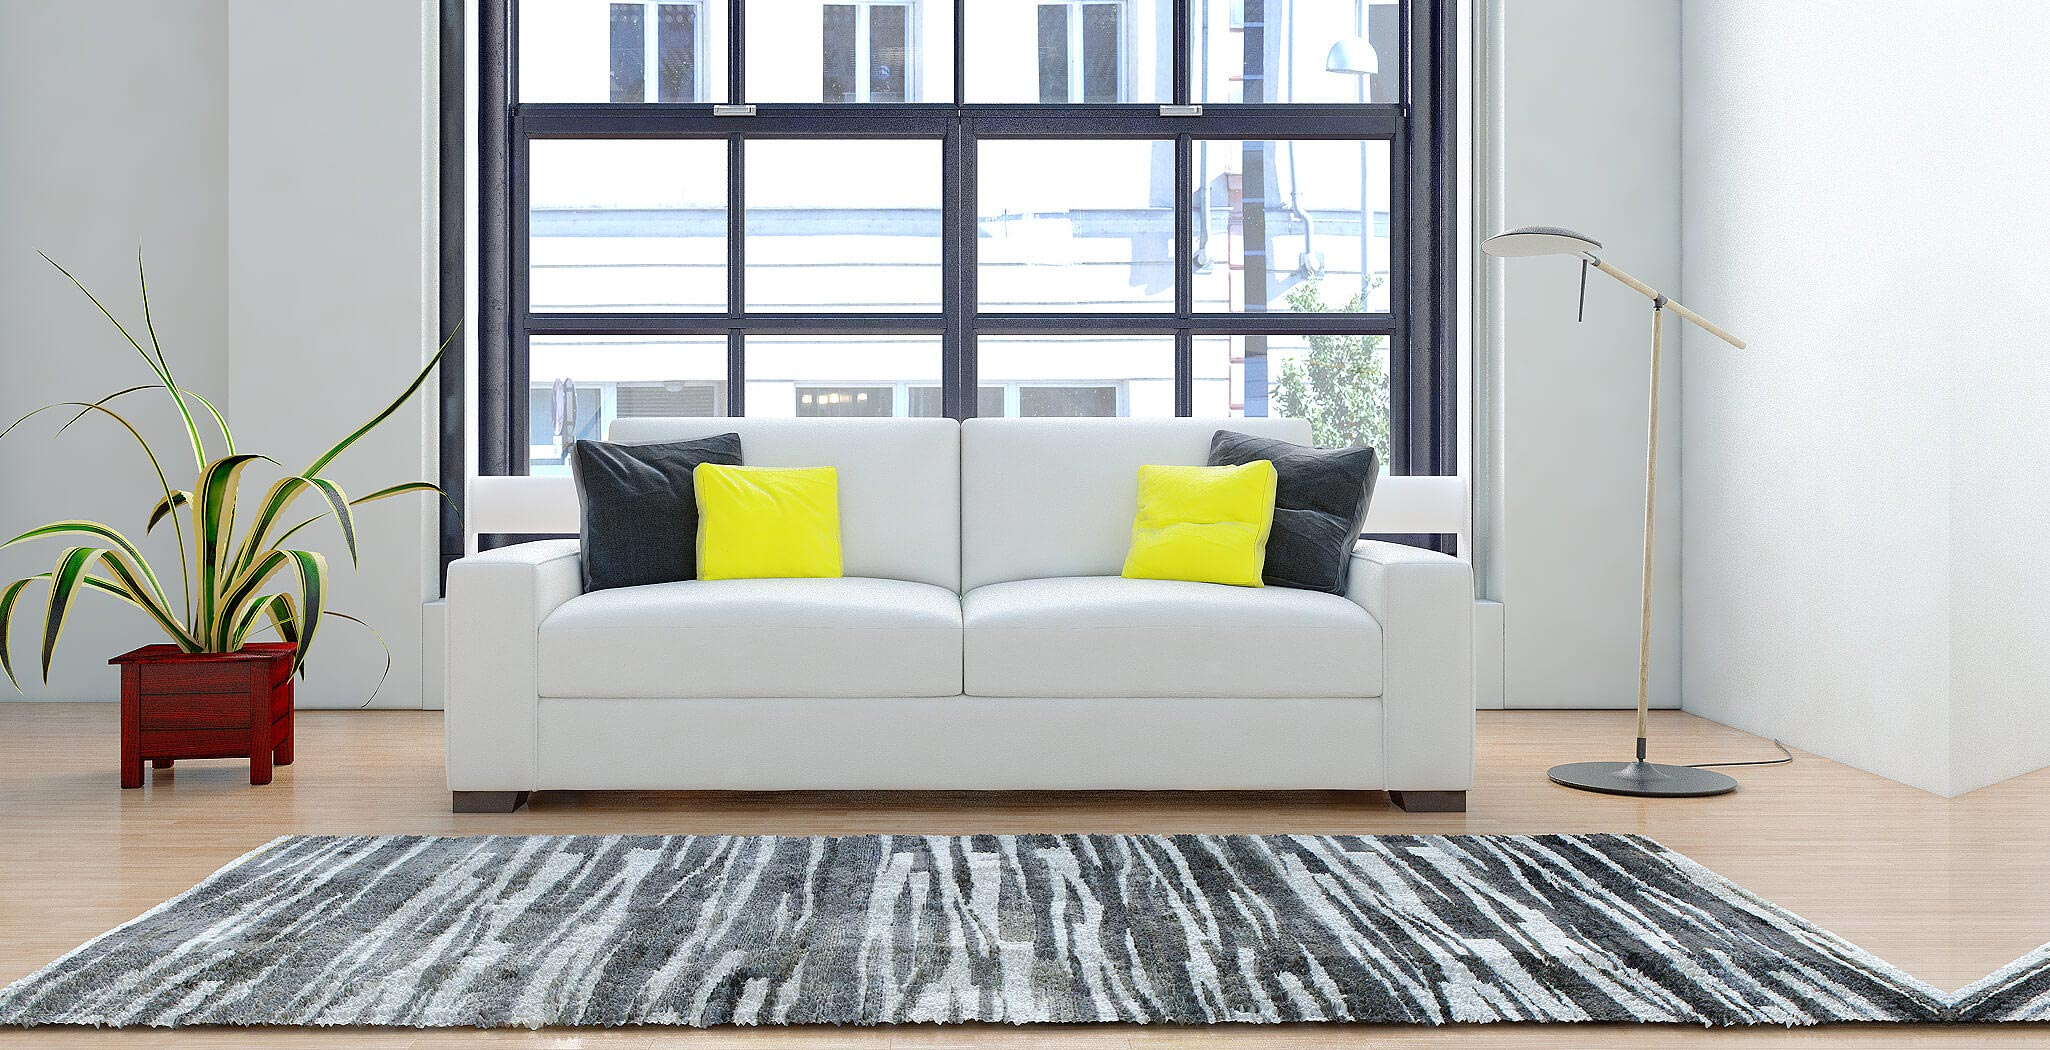 monaco sofa furniture gallery 2